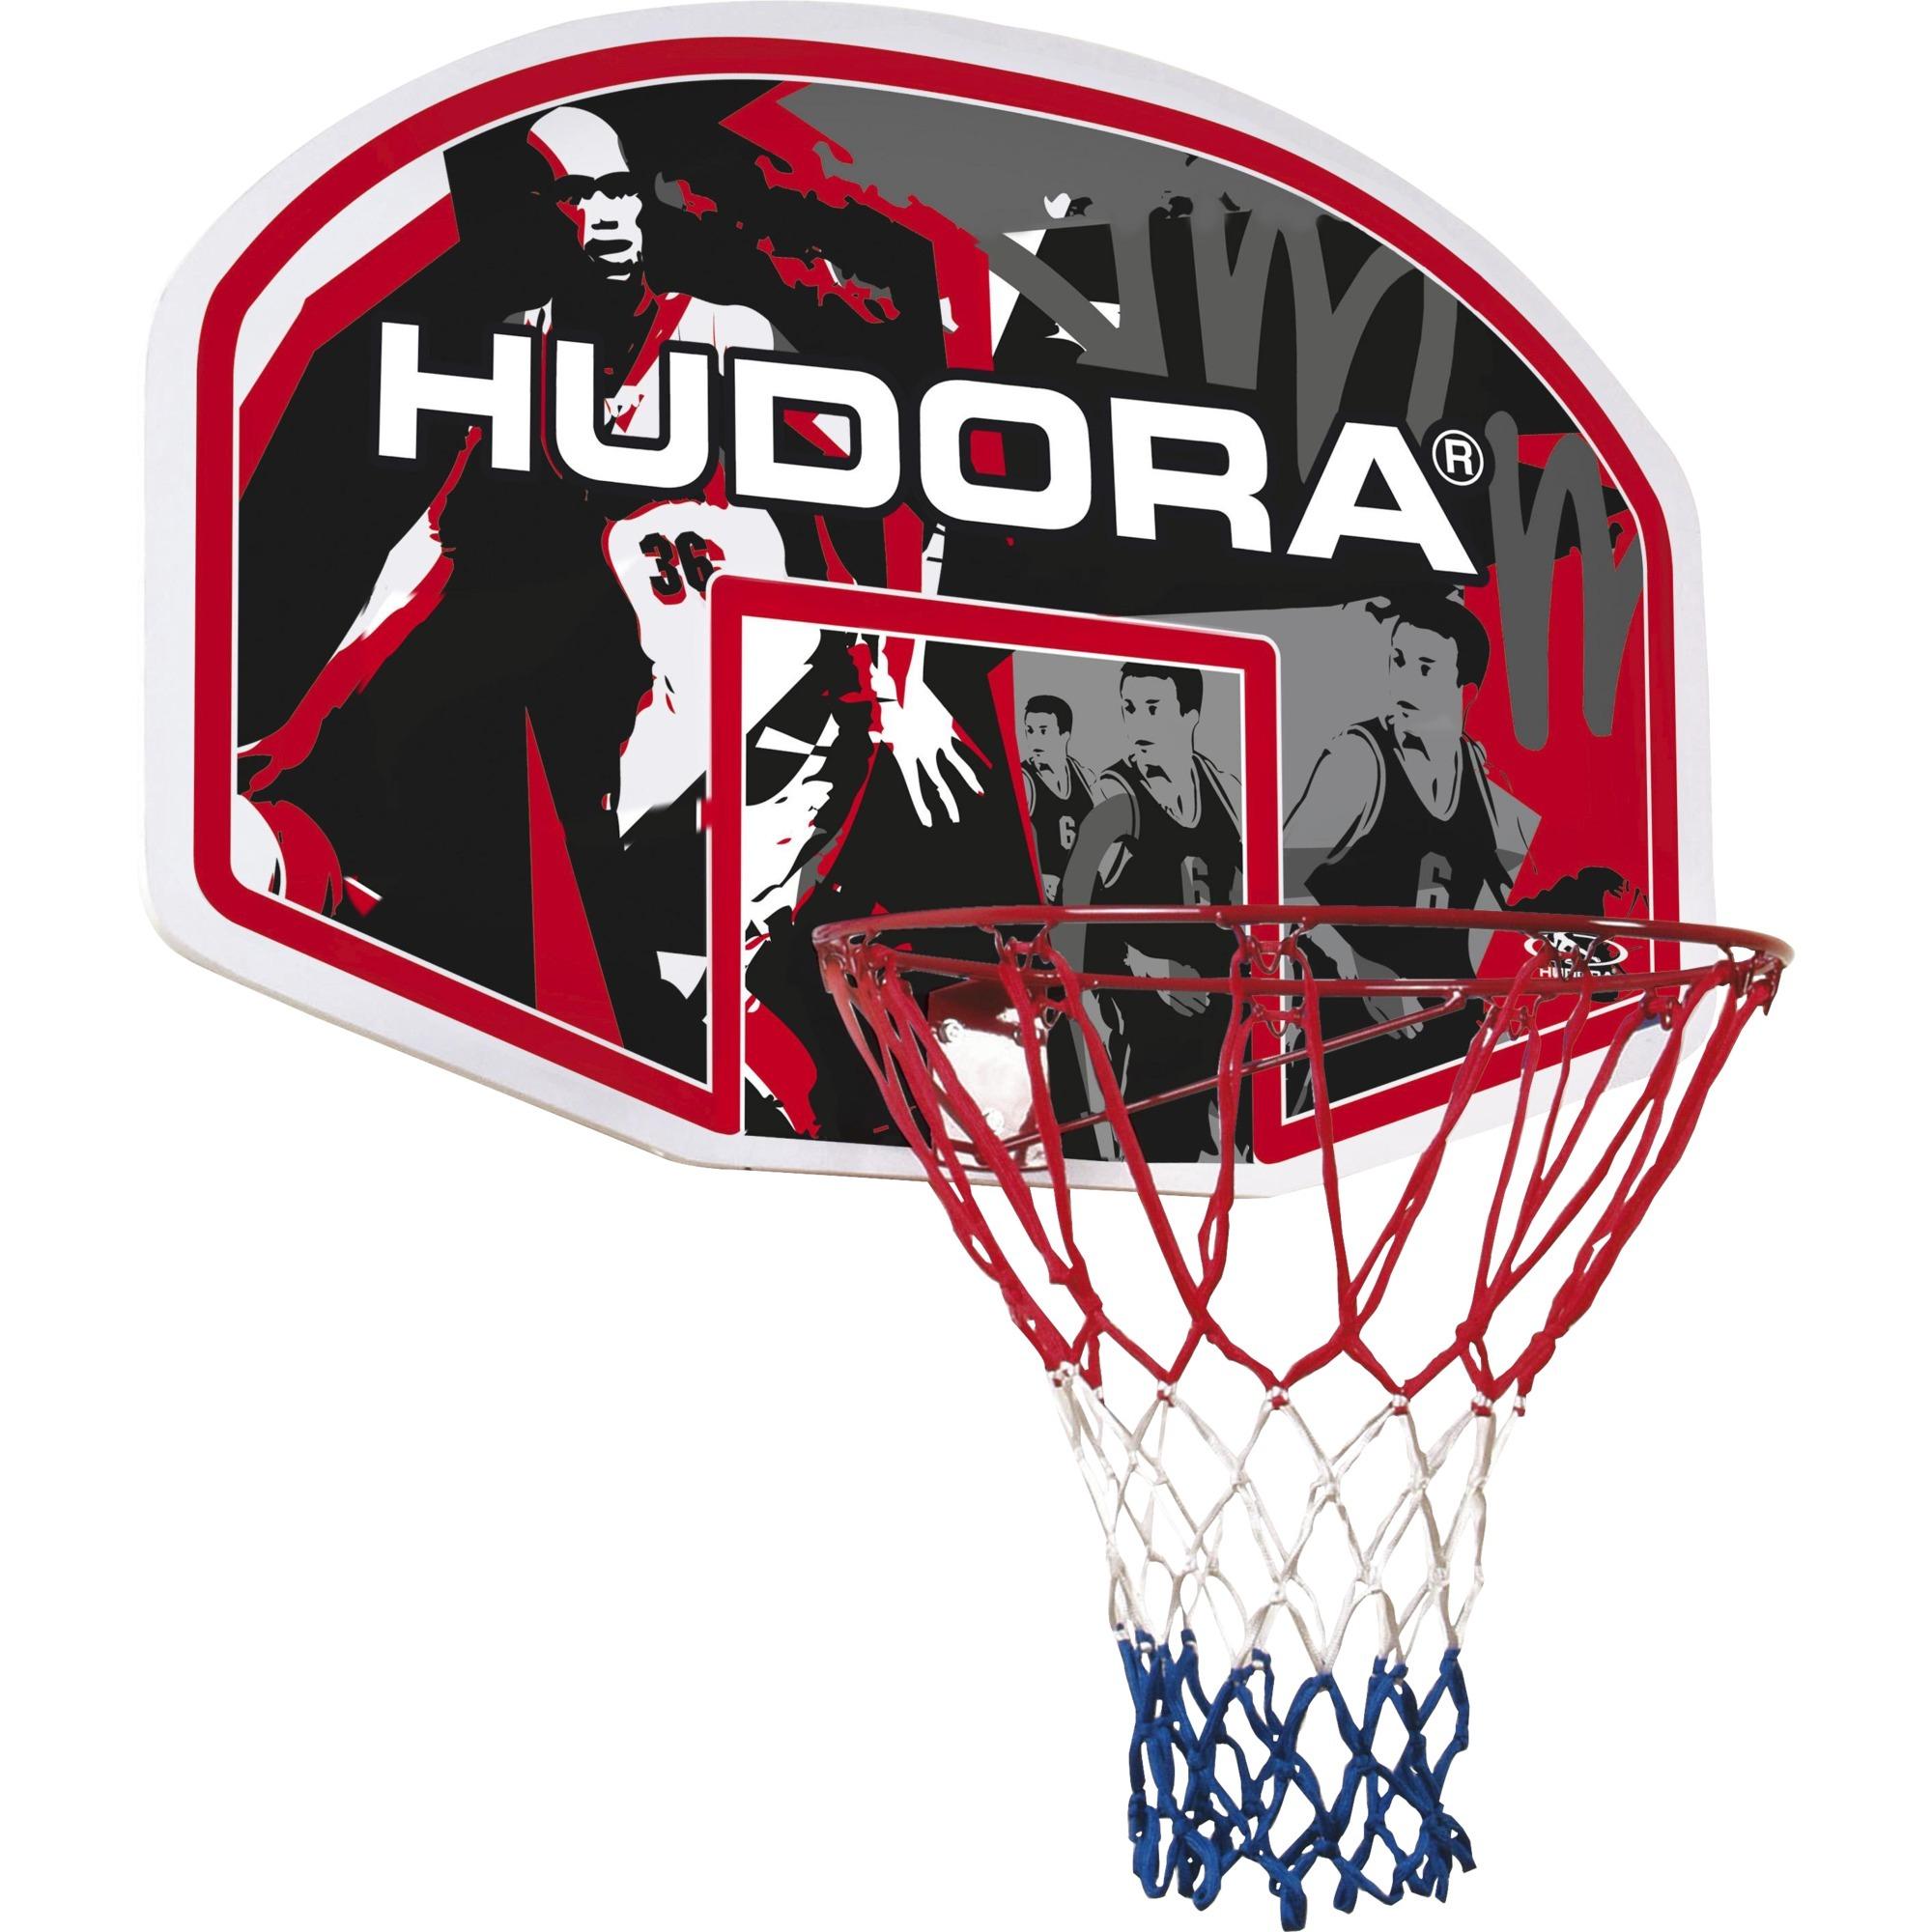 in-outdoor-aktivefardighedsspil-legetoj-basketballkurv